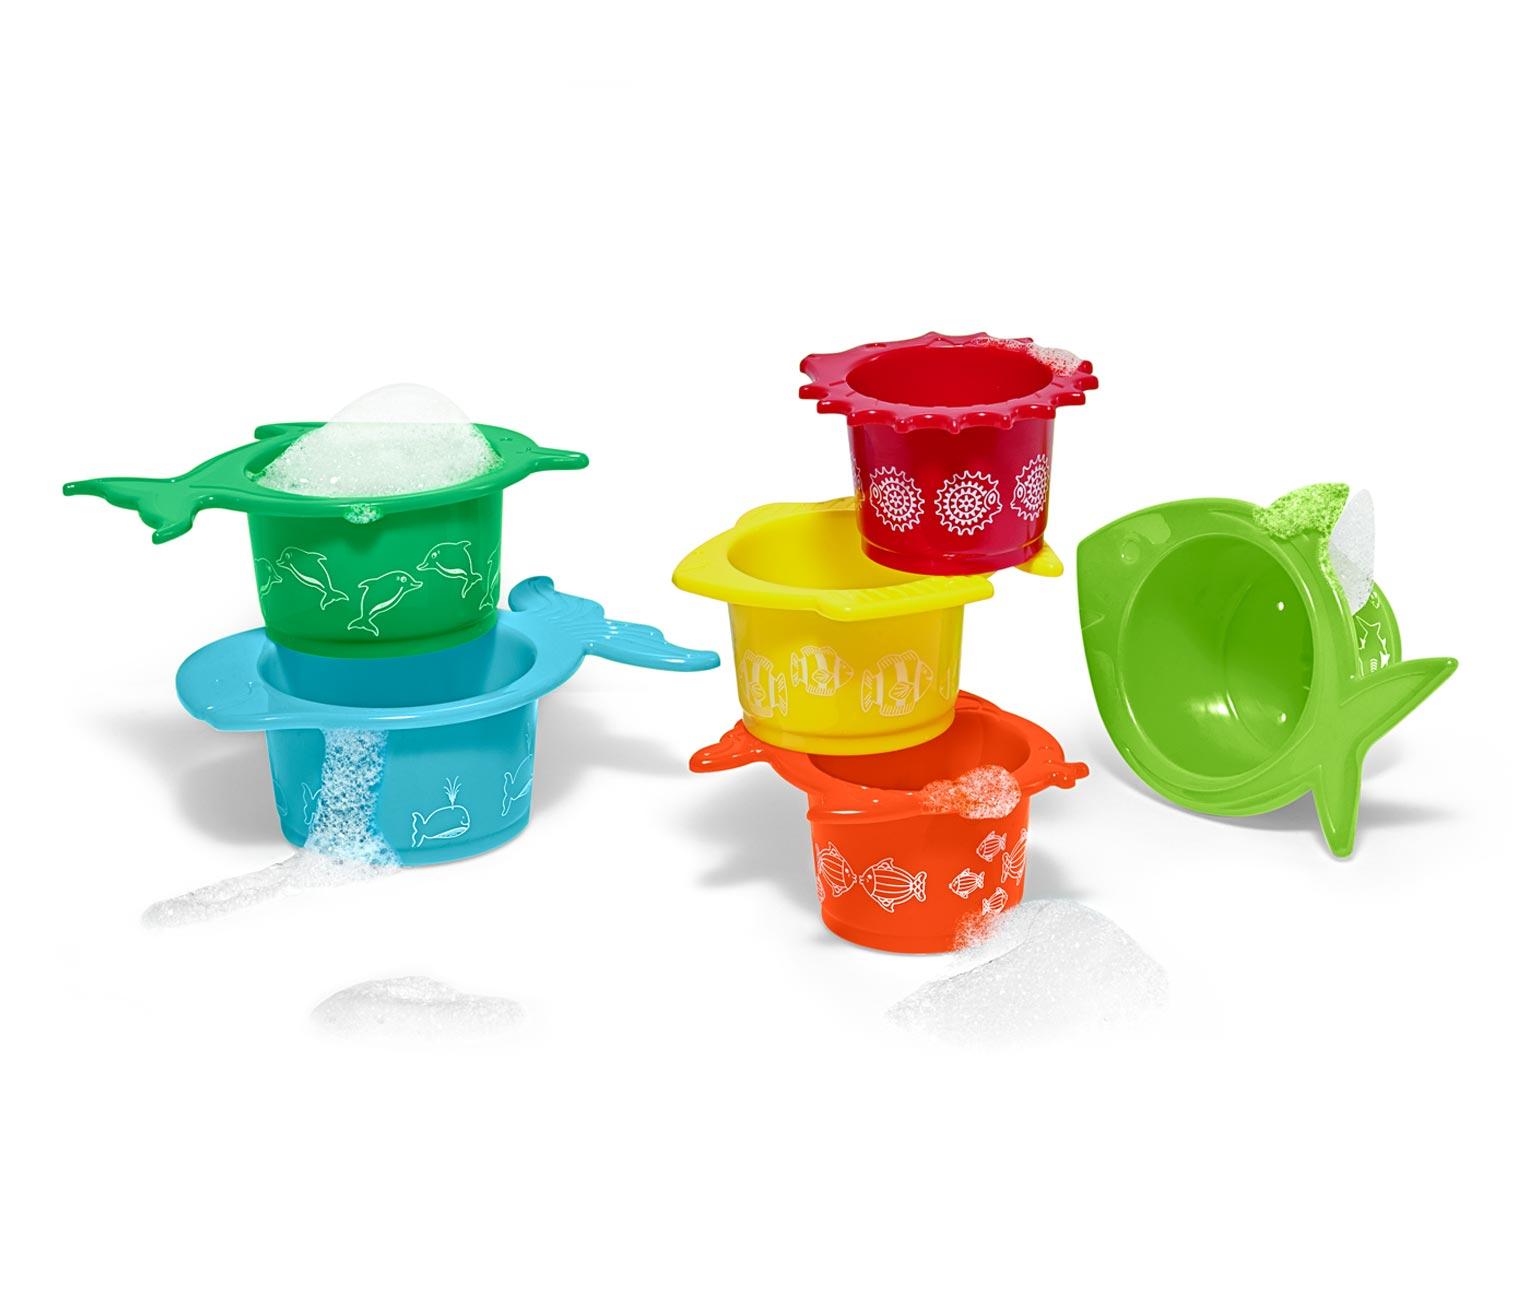 Image of 6 Wasser- und Sandspielbecher